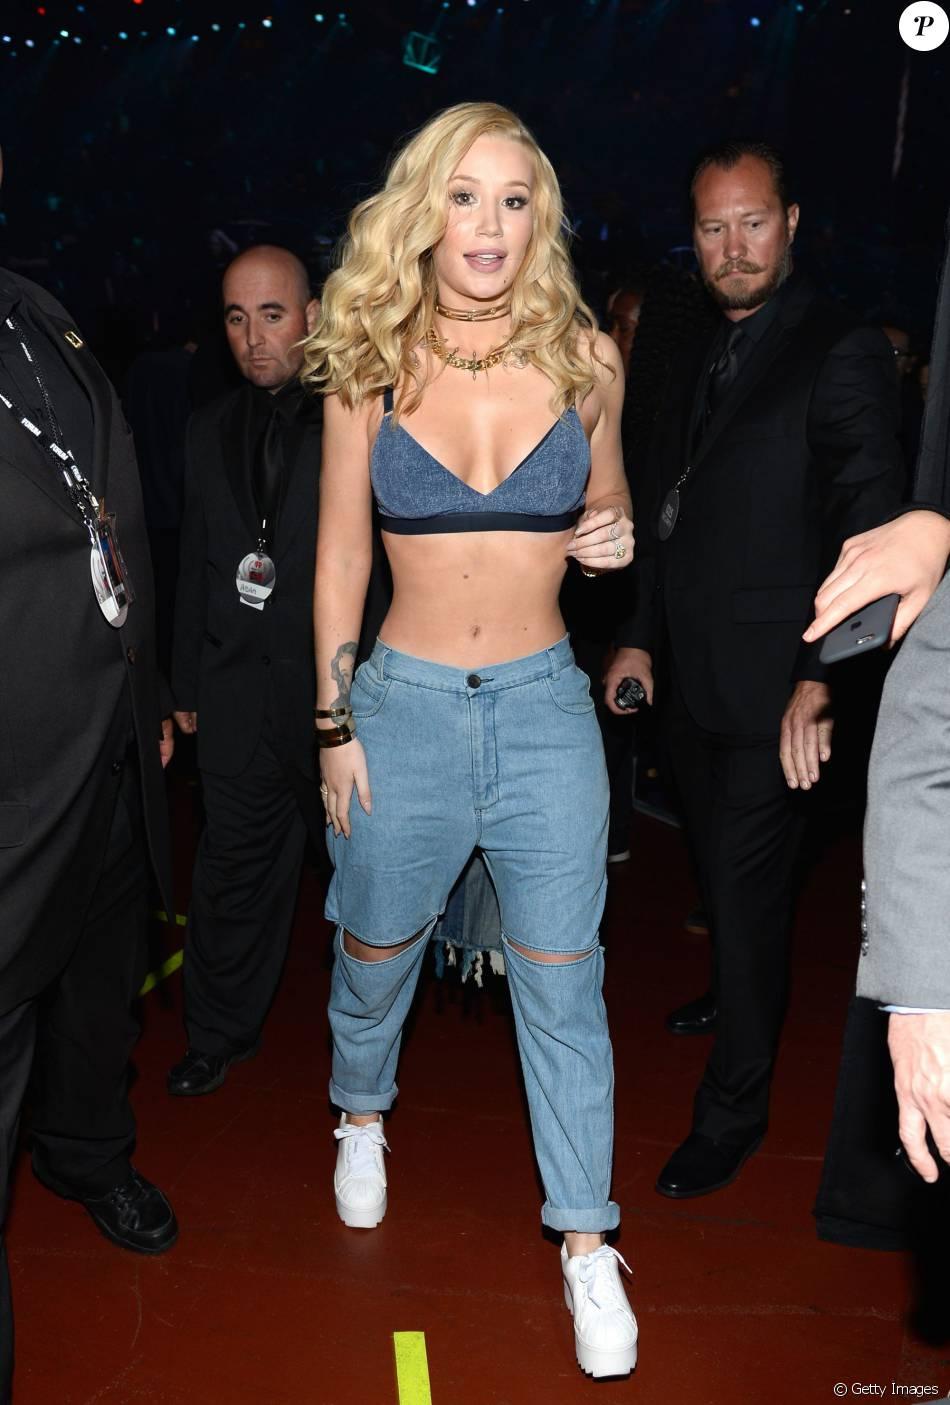 Iggy Azalea também trocou o look e usou calça jeans destroyed, top curto e tênis branco no iHeartRadio Music Awards, neste domingo, 3 de abril de 2016